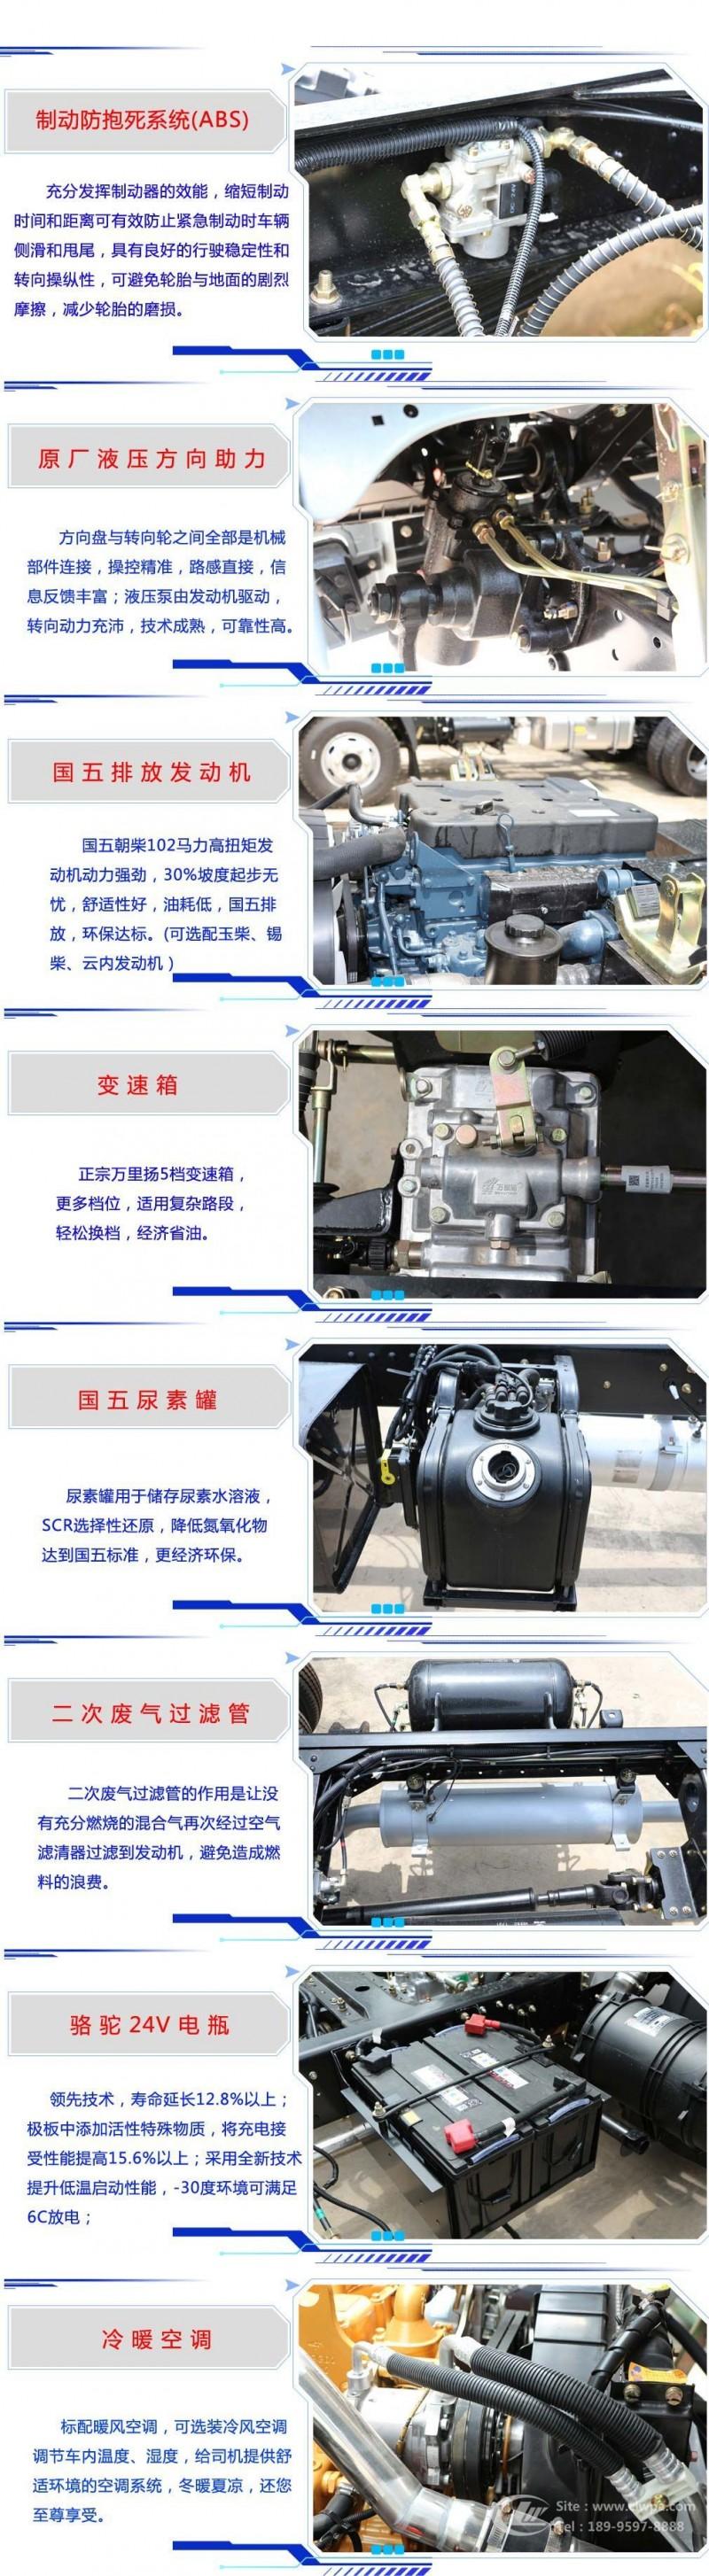 东风双排座8-10米平台升降高空作业车